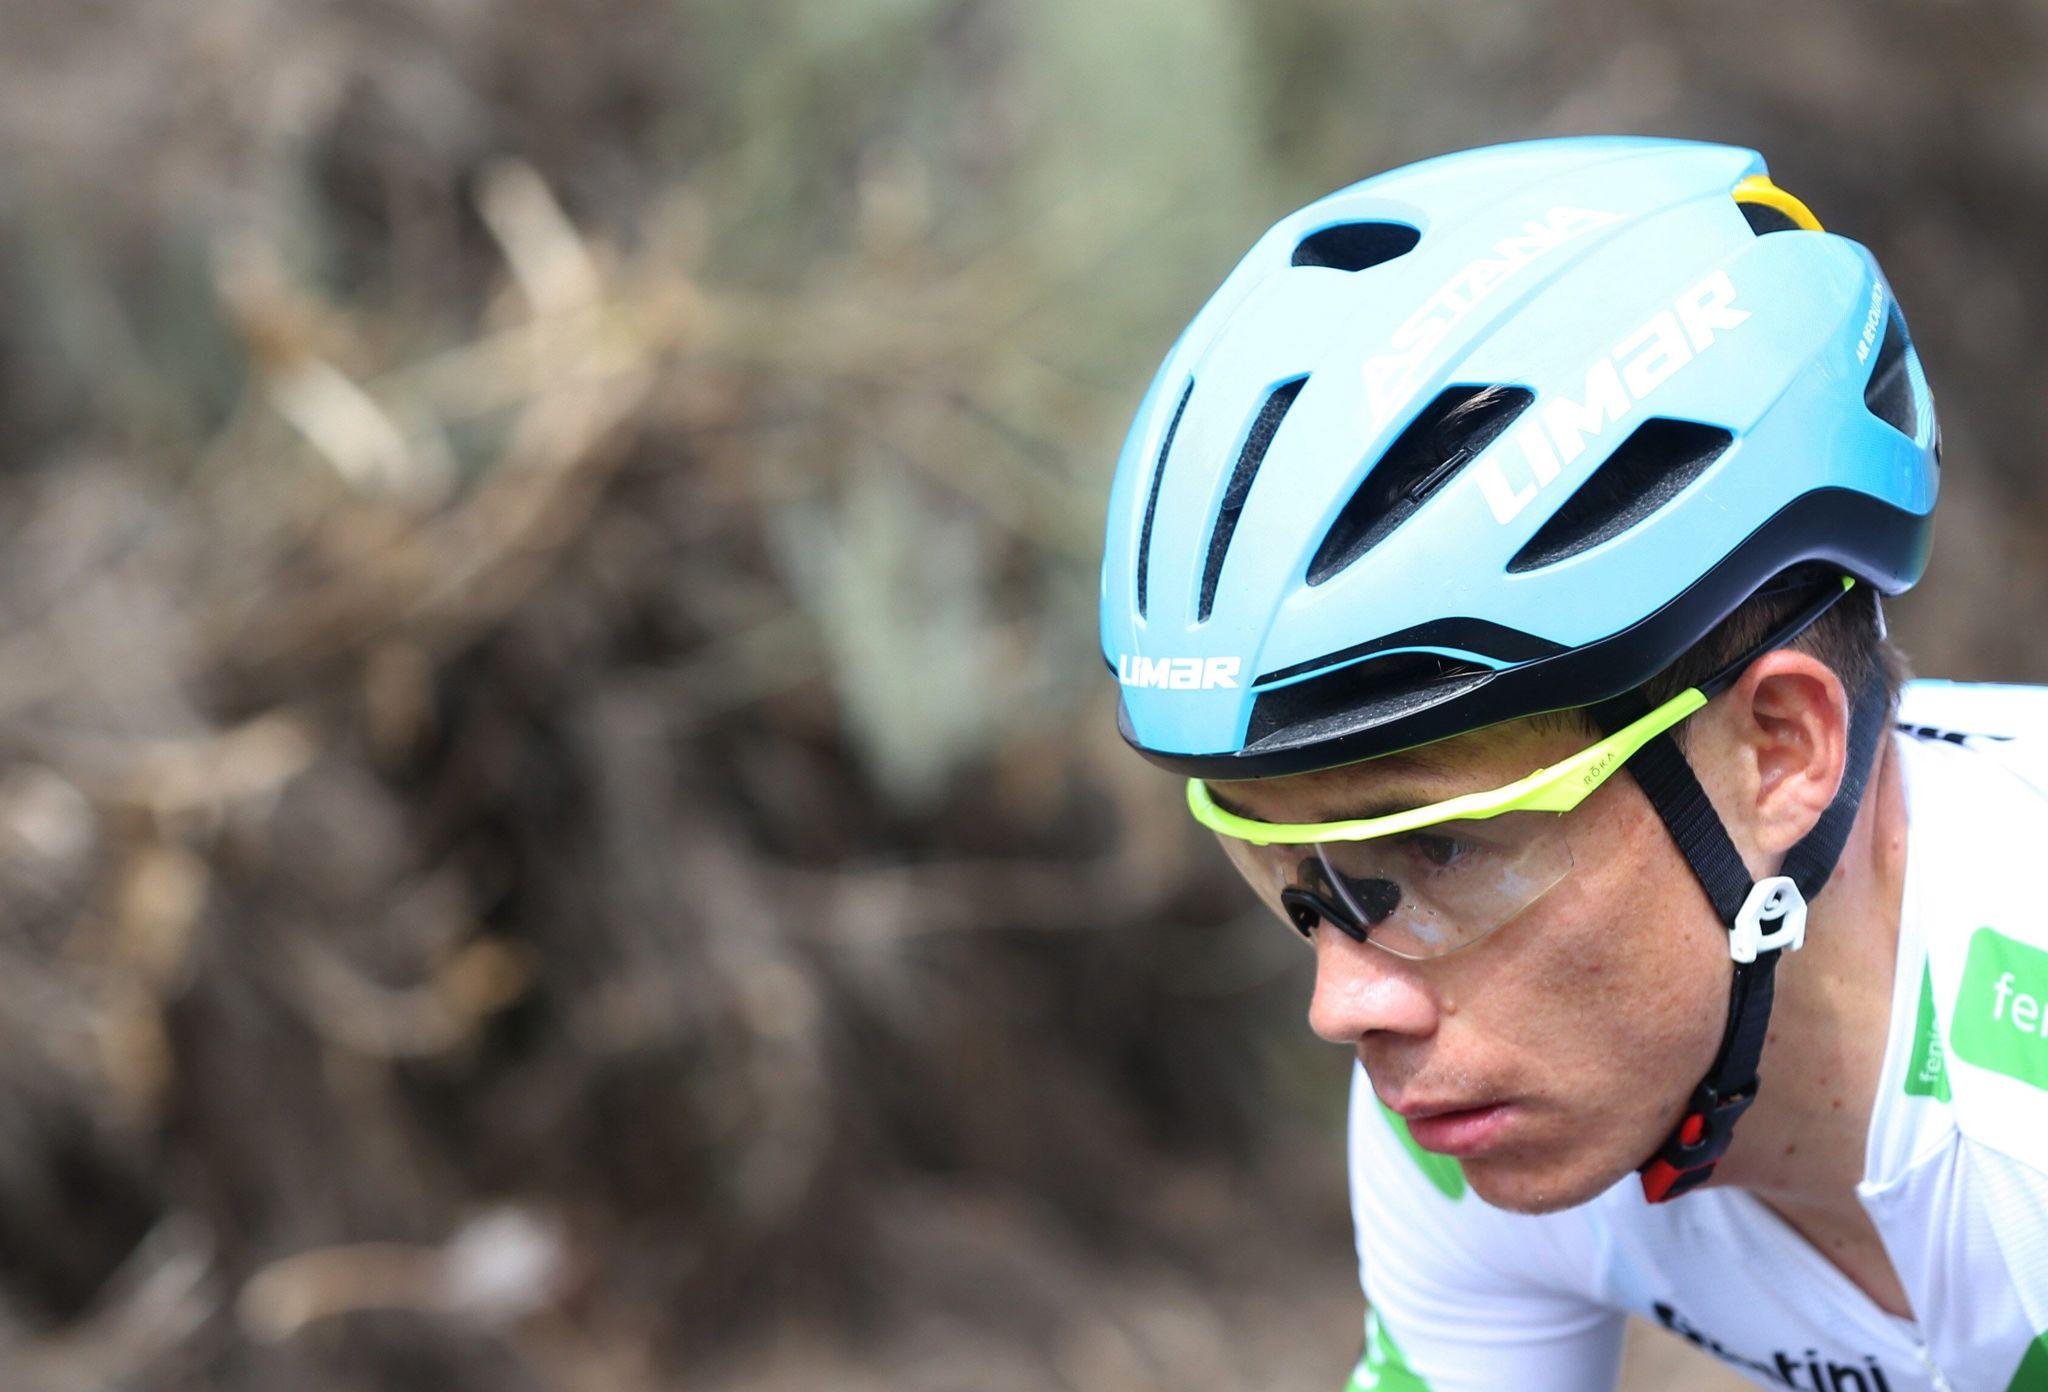 """GRAF2285. ARENAS DE SAN PEDRO (ÁVILA), 14/09/2019.- El ciclista colombiano del equipo Astana, Miguel Ángel López """"Supermán López"""", durante la vigésimo etapa de la <HIT>Vuelta</HIT> a España 2019, que ha partido de la localidad abulense de Arenas de San Pedro y finaliza en la Plataforma de Gredos, tras 190,4 kilómetros de recorrido. EFE/Javier Lizón"""